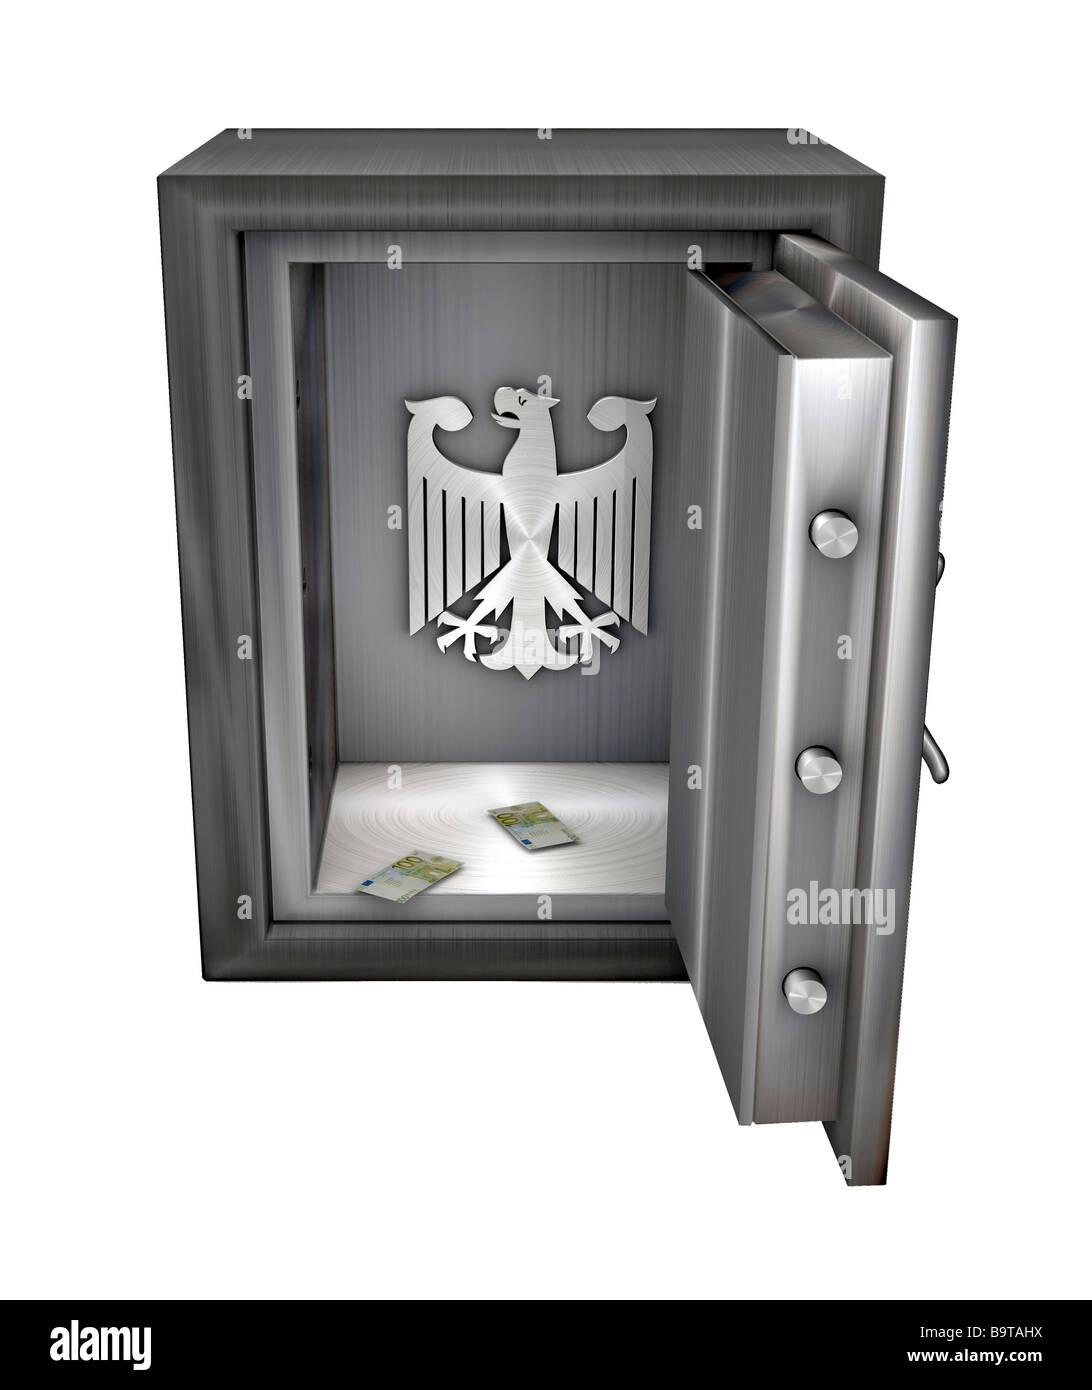 Svuotato di sicuro con aquila federale simbolo dello stato tedesco è fallita Immagini Stock